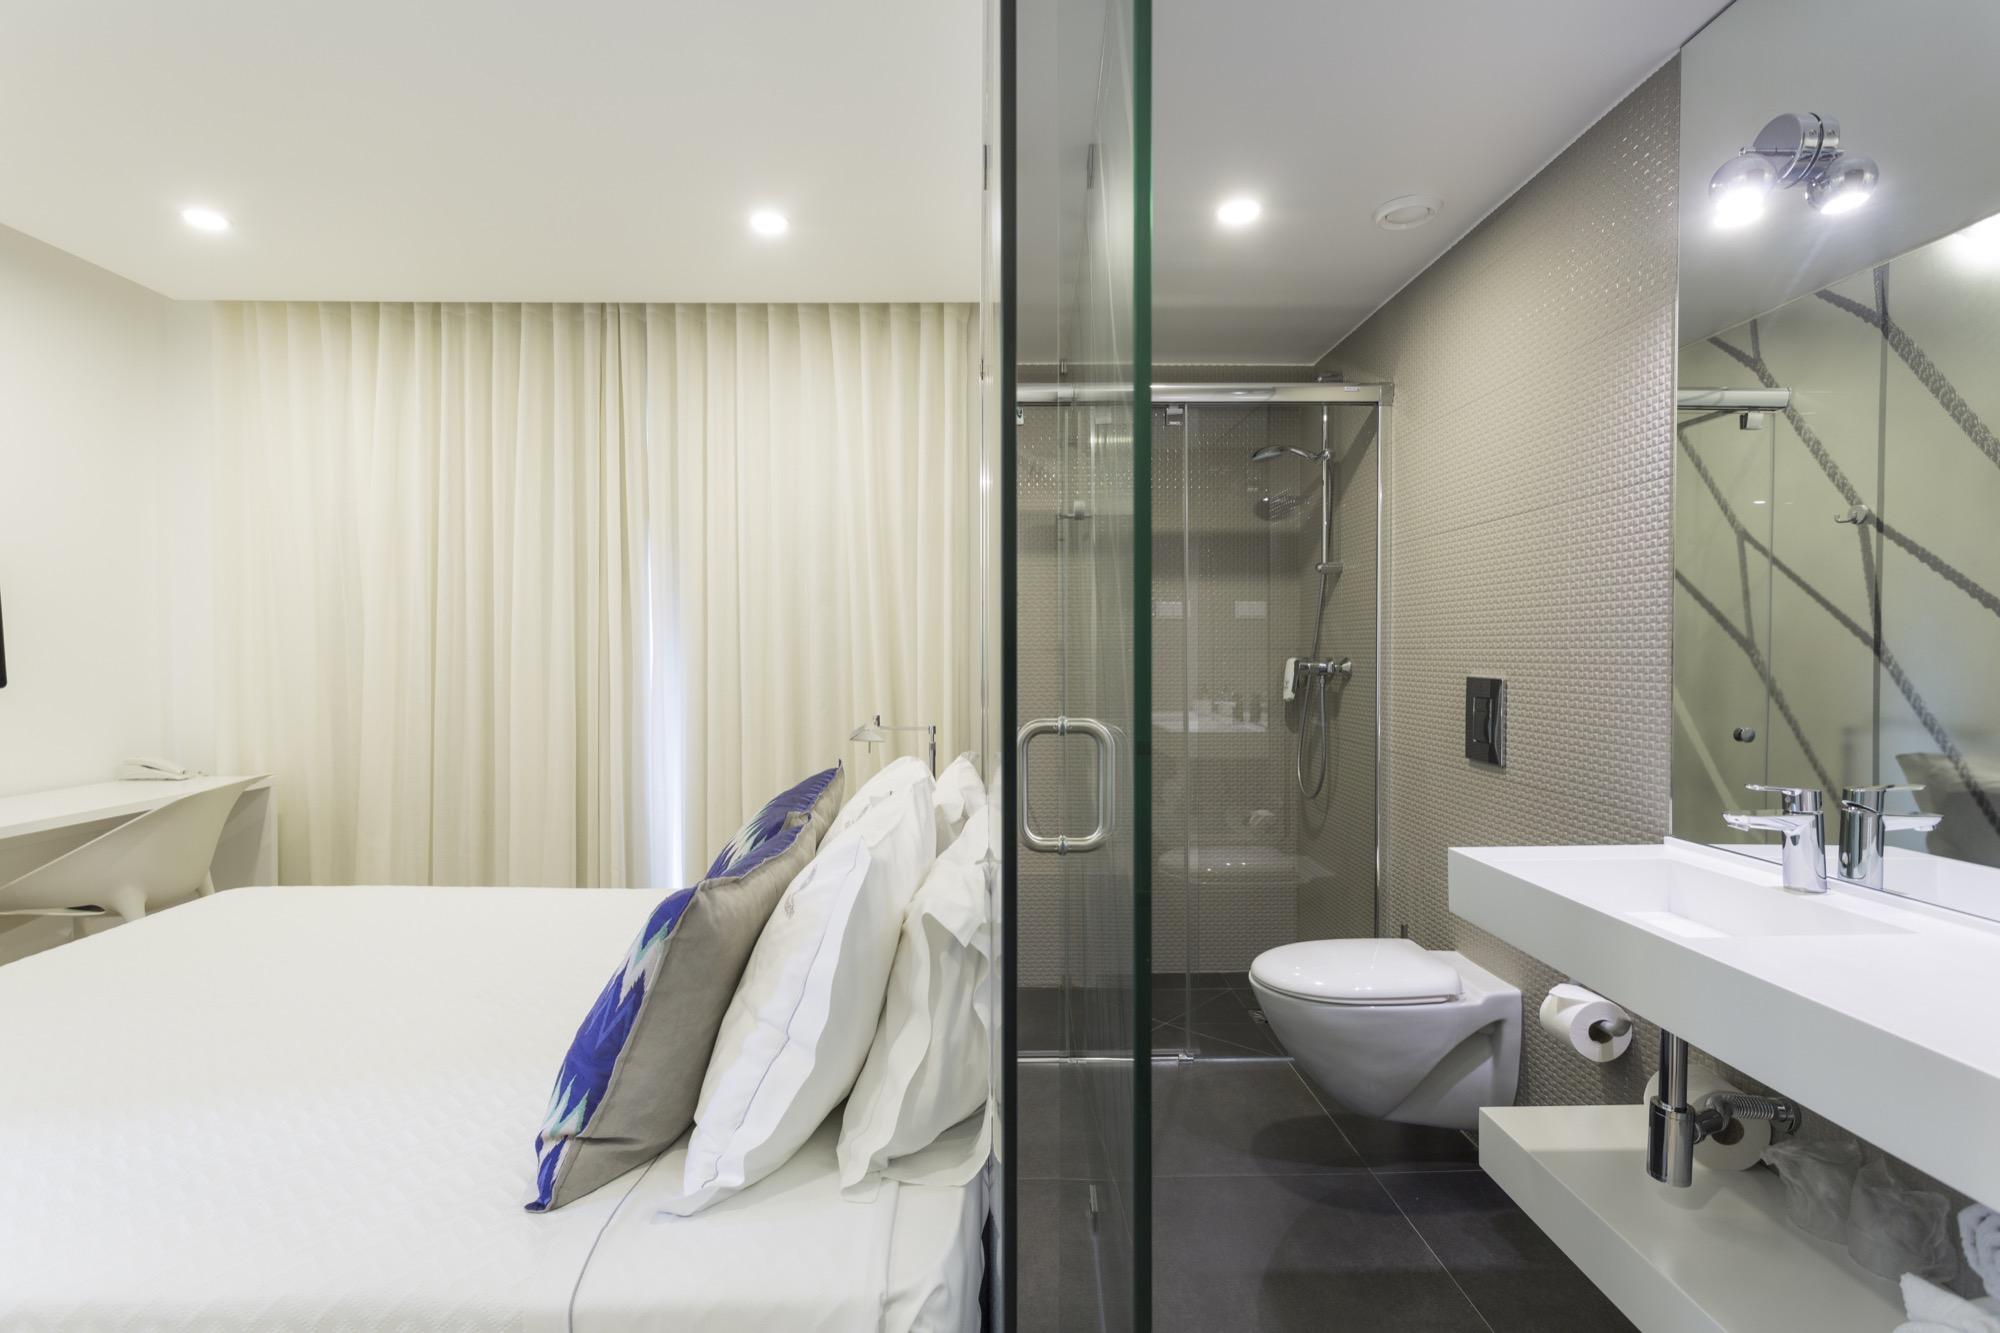 habitacion-banho-hotel-setubal